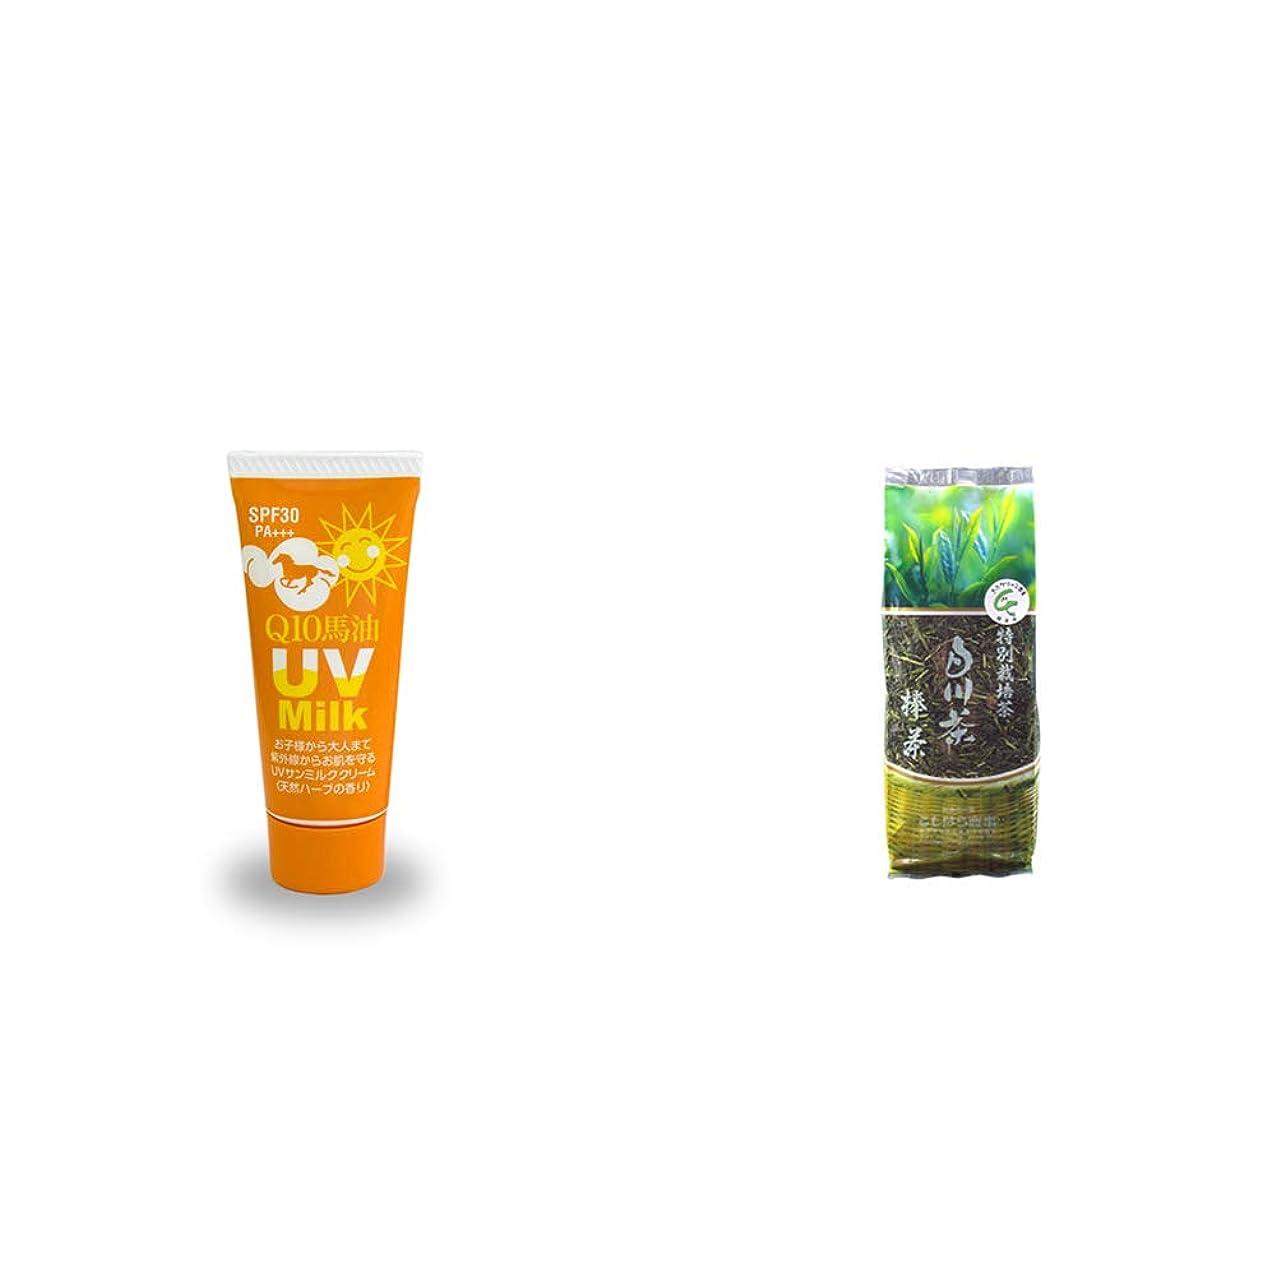 キノコサスペンド実業家[2点セット] 炭黒泉 Q10馬油 UVサンミルク[天然ハーブ](40g)?白川茶 特別栽培茶【棒茶】(150g)